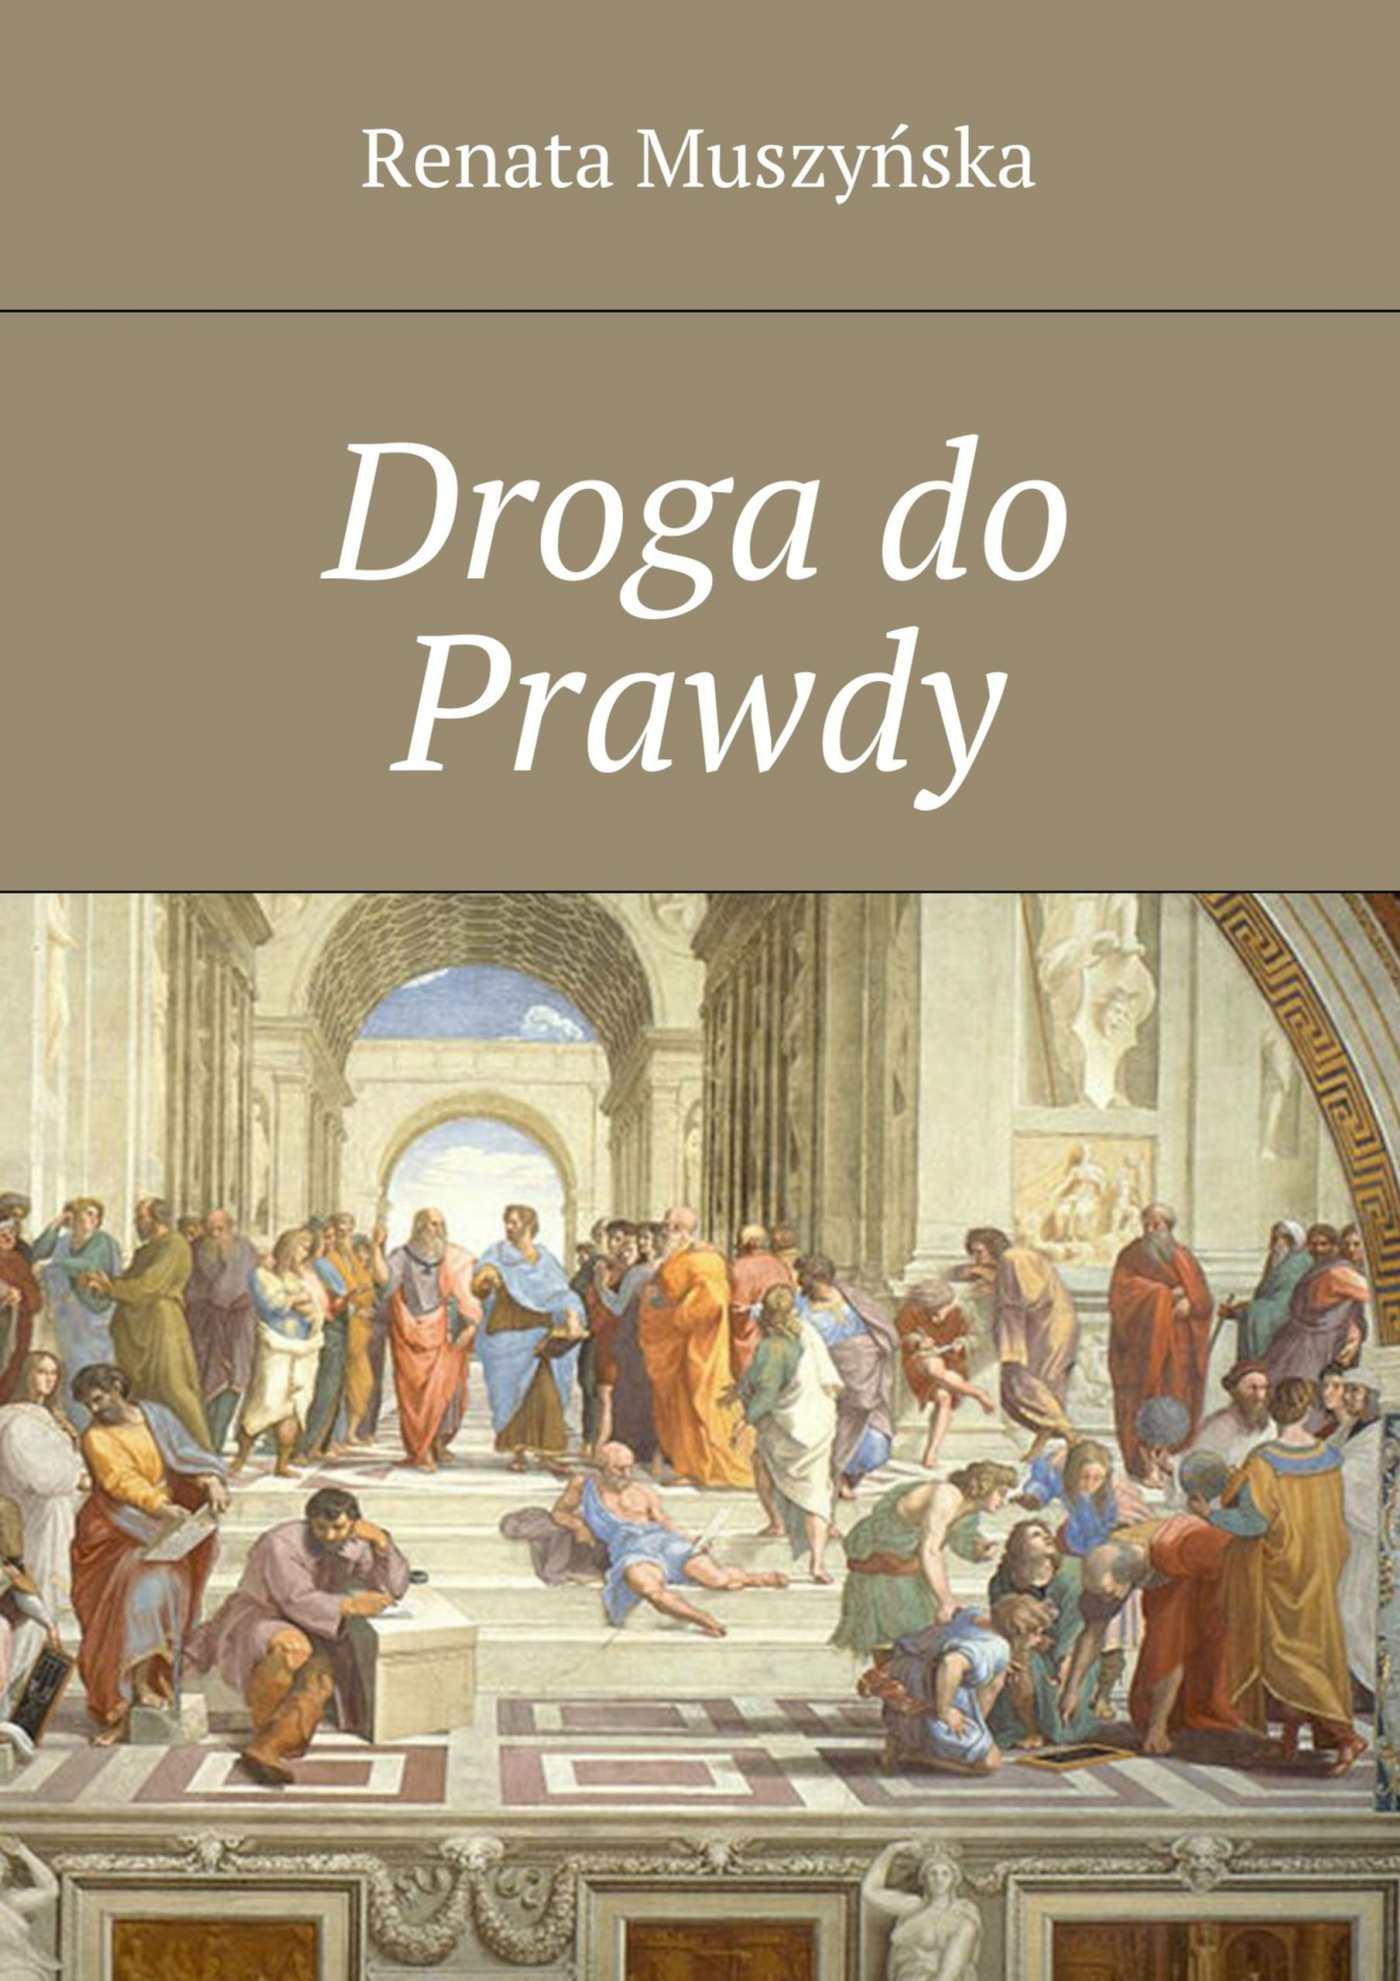 Droga do Prawdy - Ebook (Książka na Kindle) do pobrania w formacie MOBI